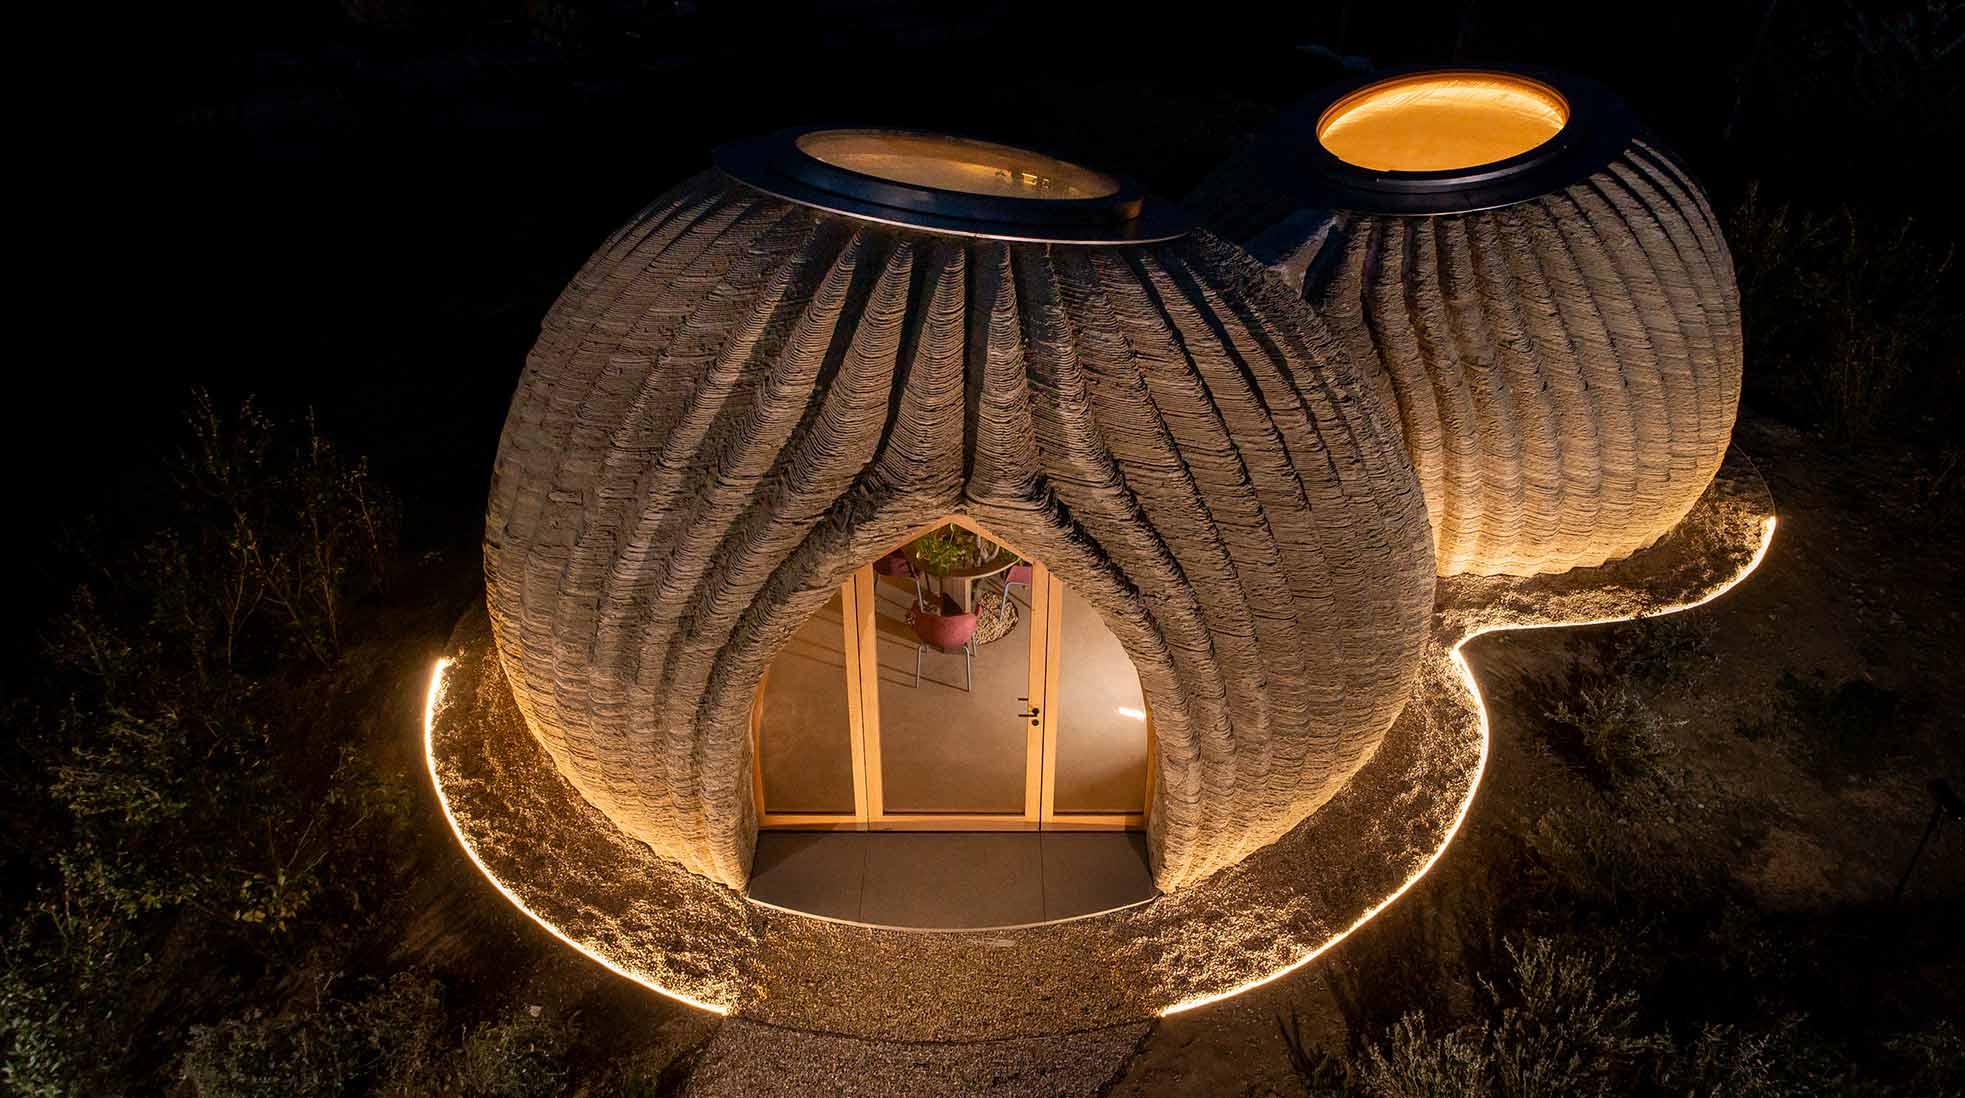 3D-printat hus av lera nattetid